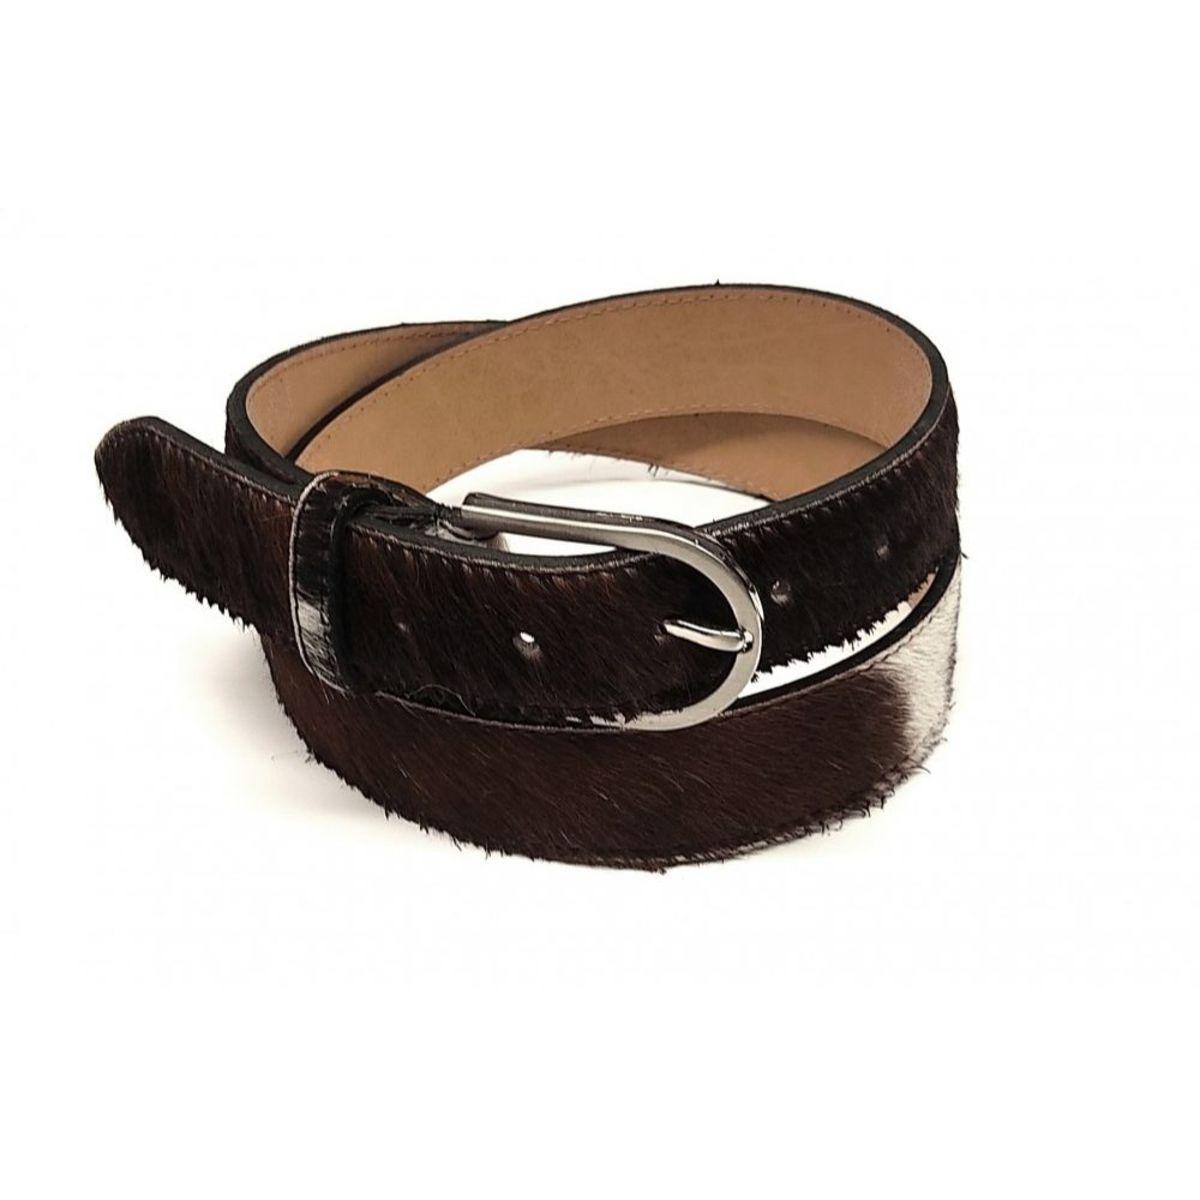 Cinturón piel potro